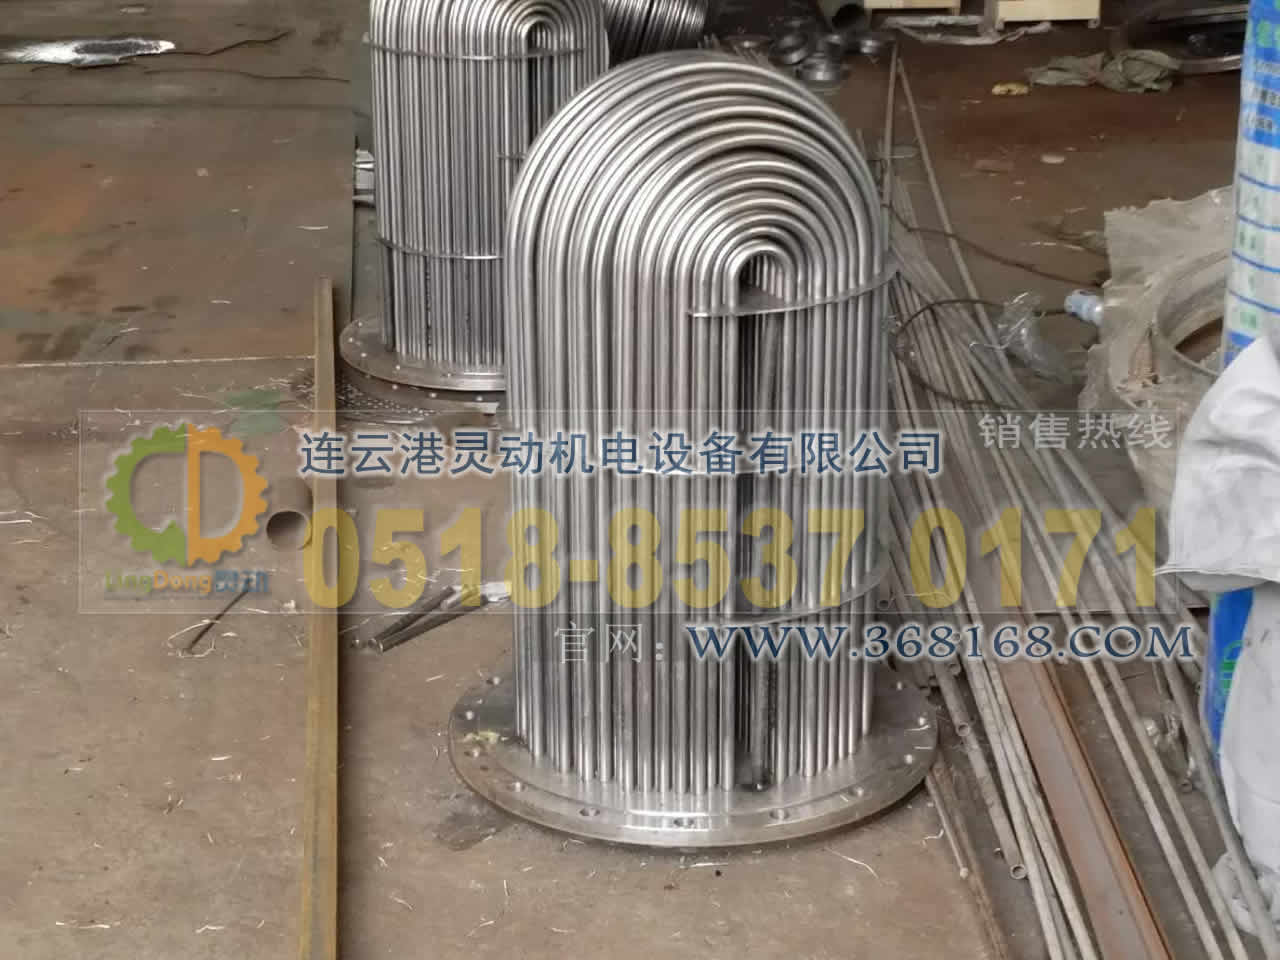 汽封加热器换管改造,轴封加热器换管,汽封冷却器换管厂家